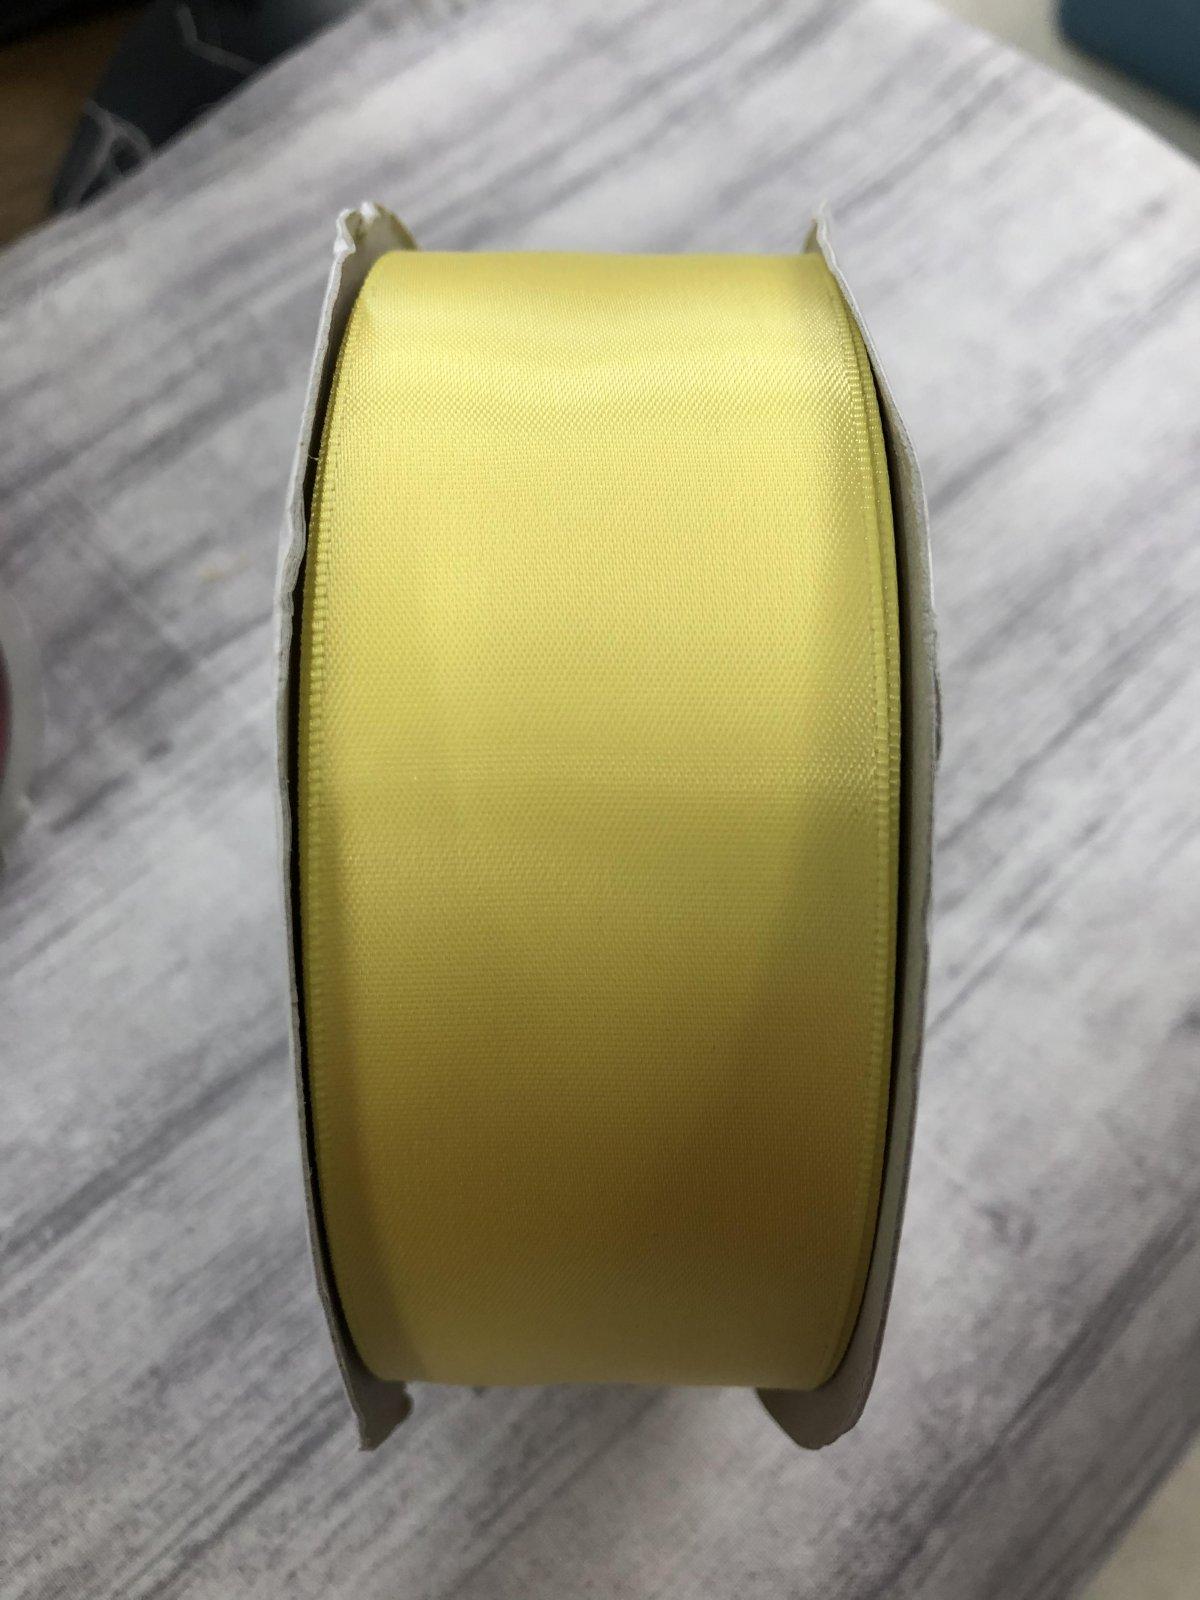 Lemon Single Face Satin Ribbon 1 1/2 IN